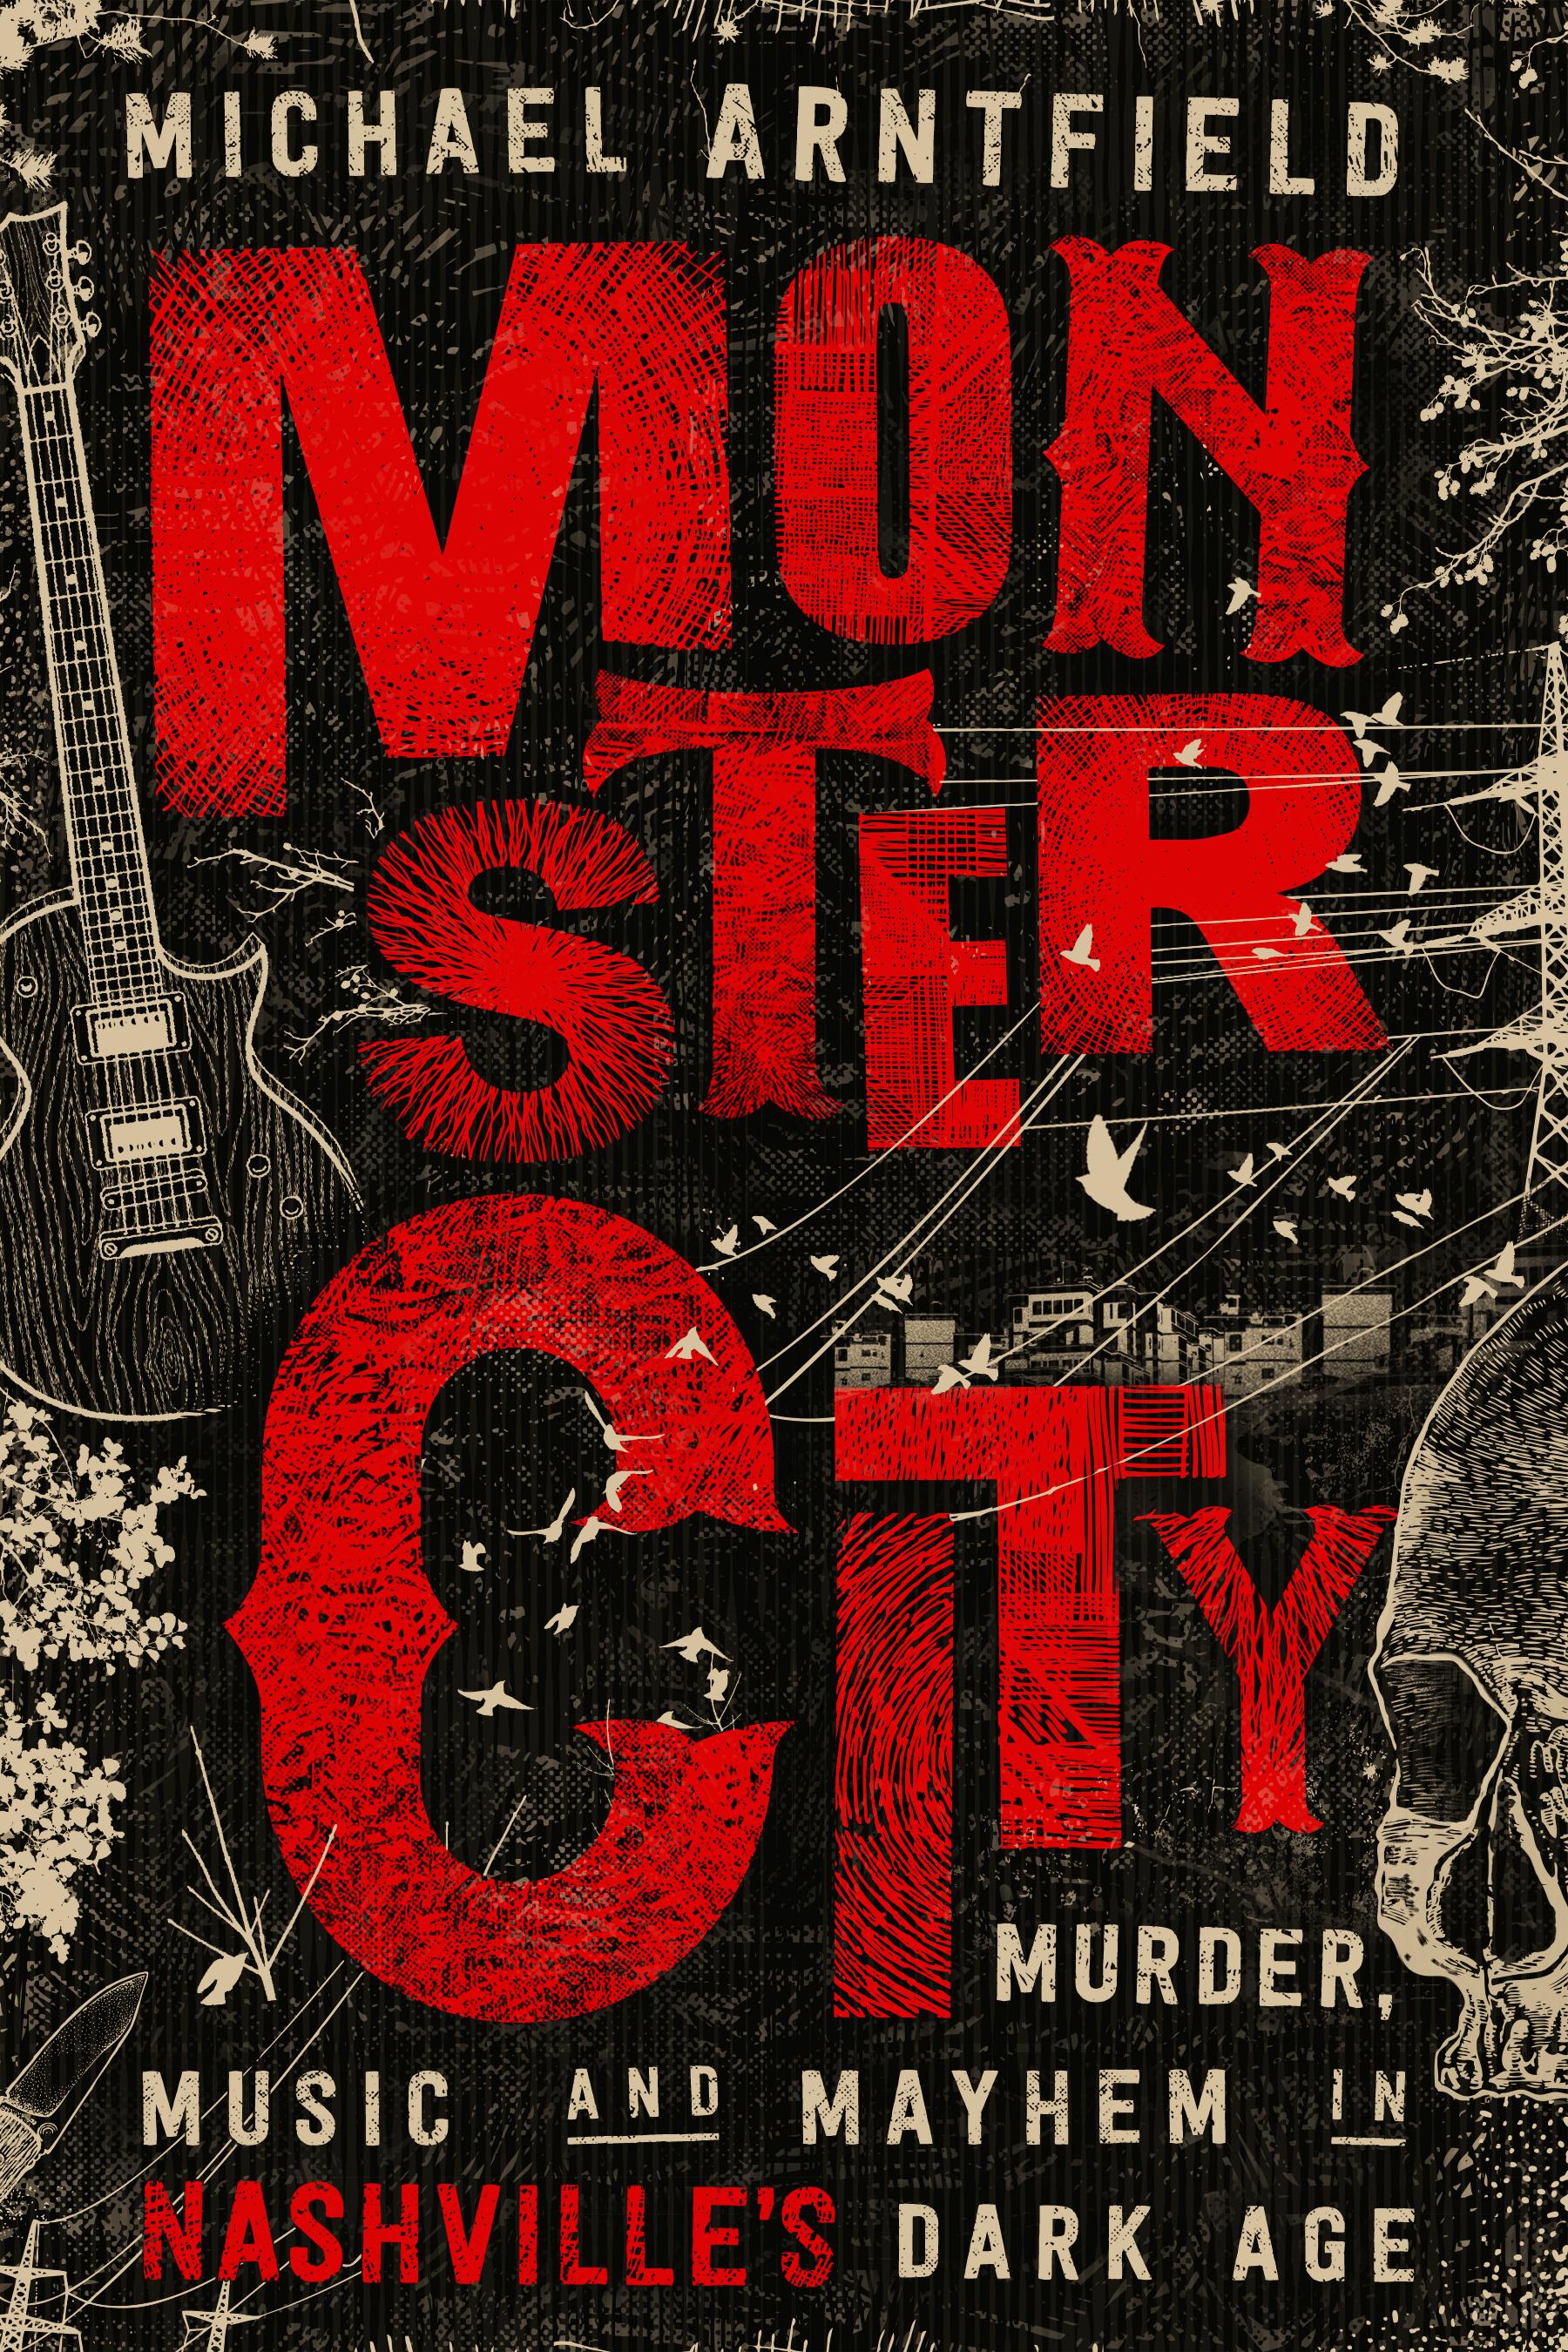 Arntfield-Monster City-24762-CV-FT-v4.jpg